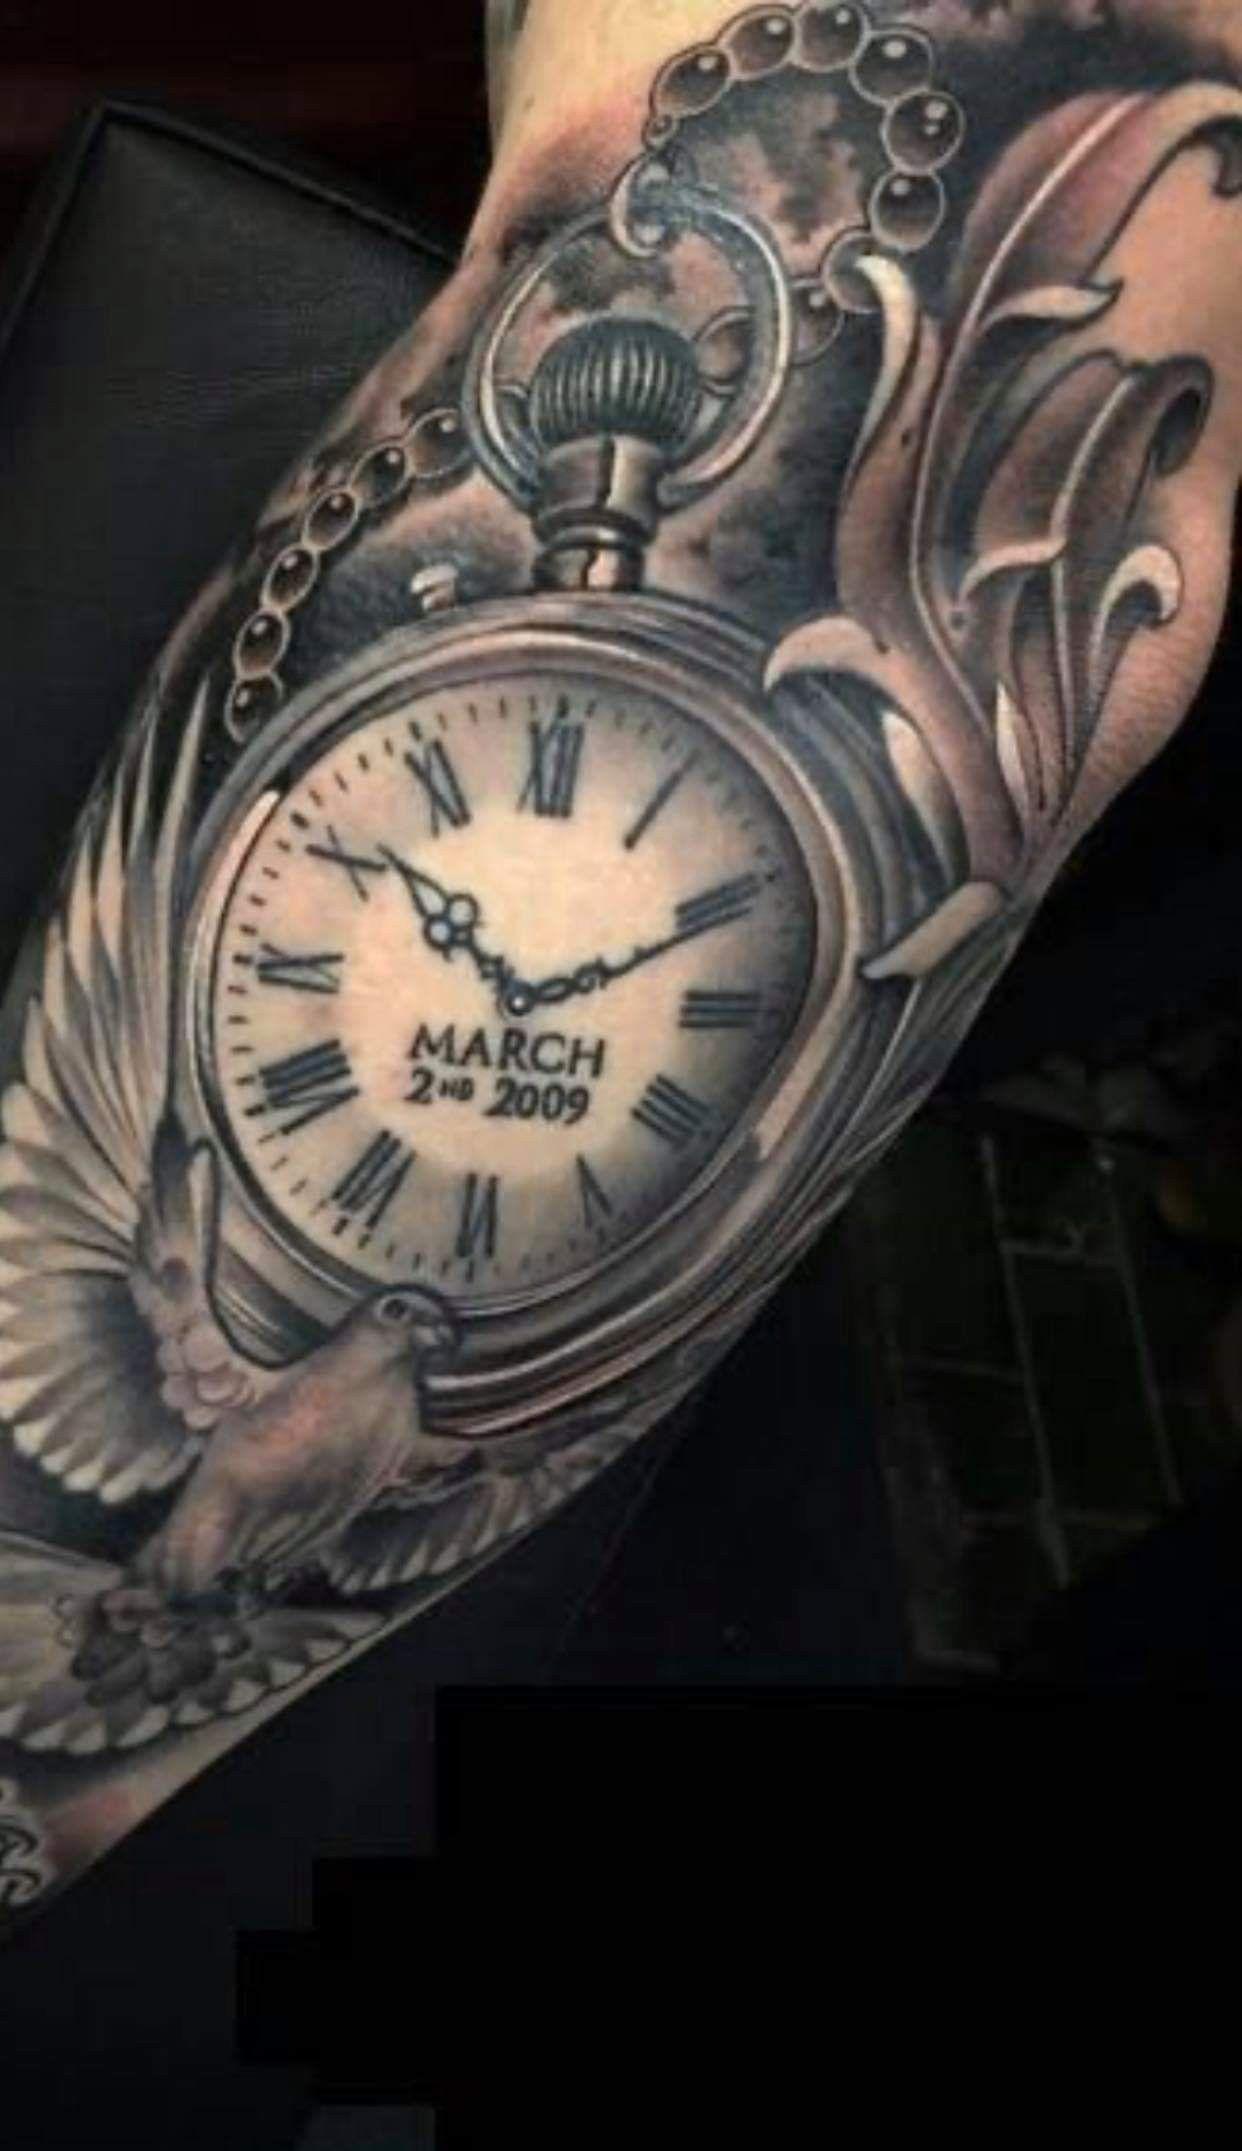 Pin By Cynthia Mason On Ideas In 2020 Pocket Watch Tattoos Watch Tattoo Design Pocket Watch Tattoo Design